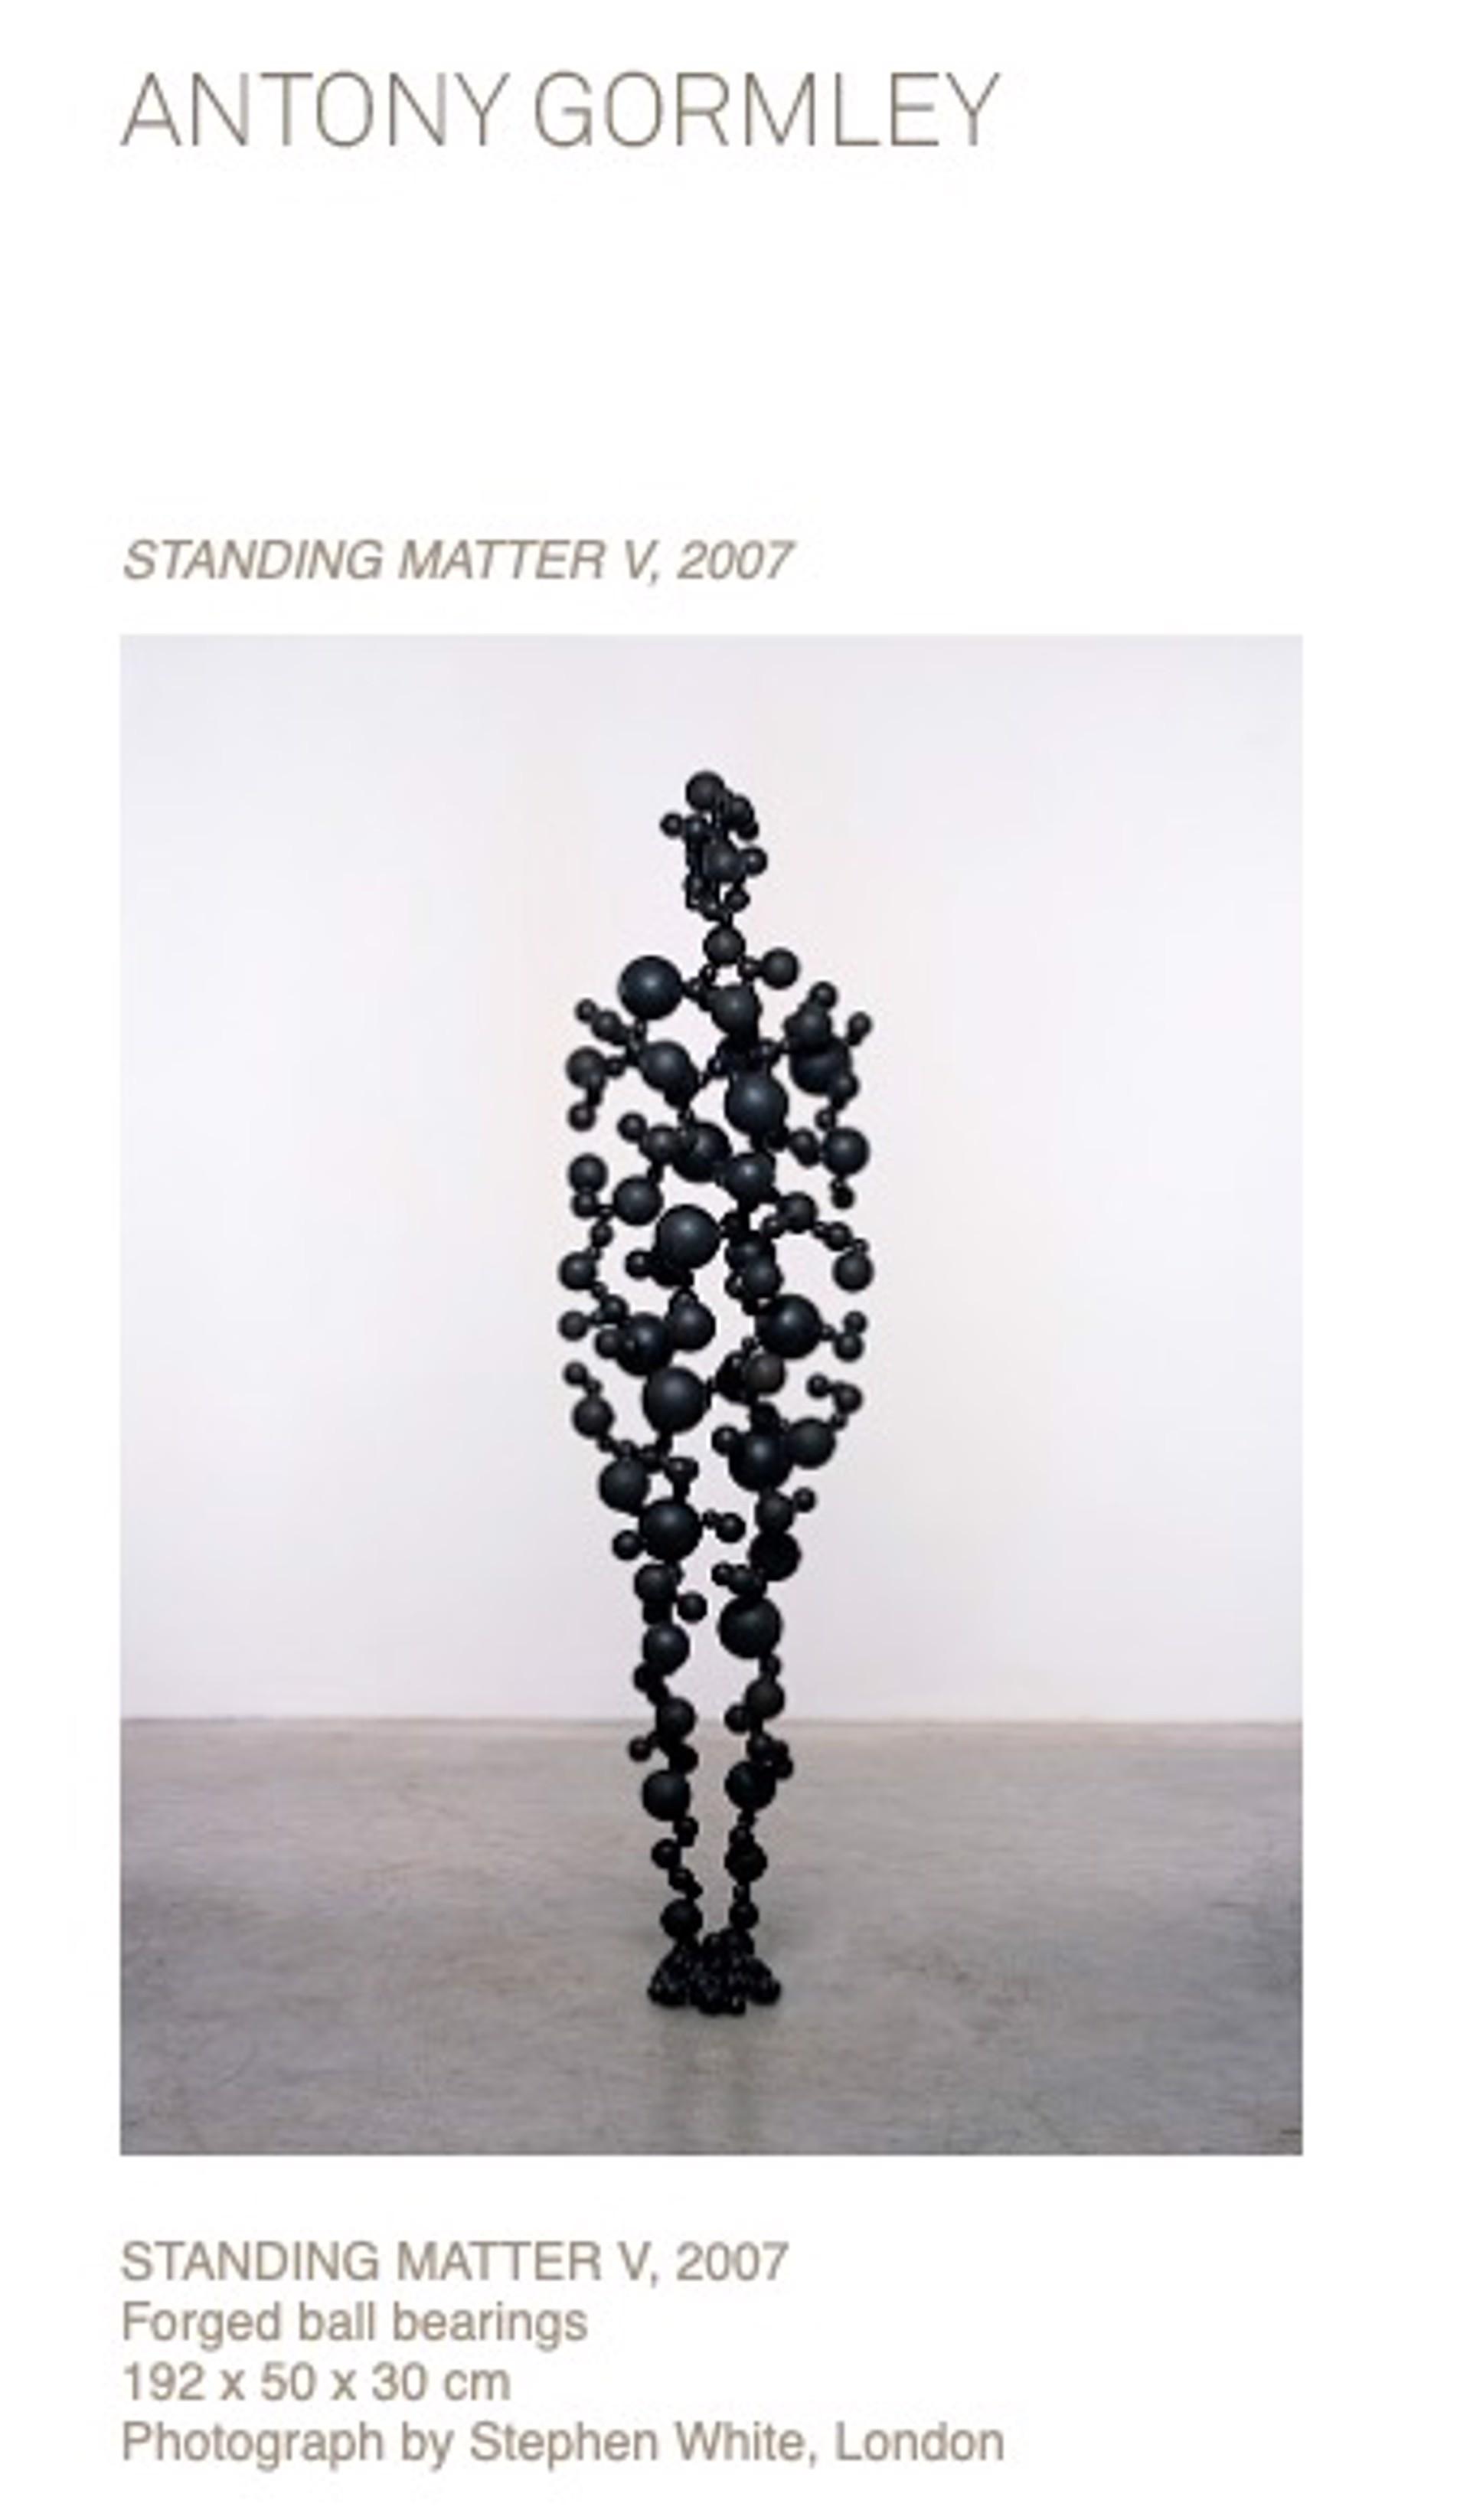 Standing Matter by Antony Gormley